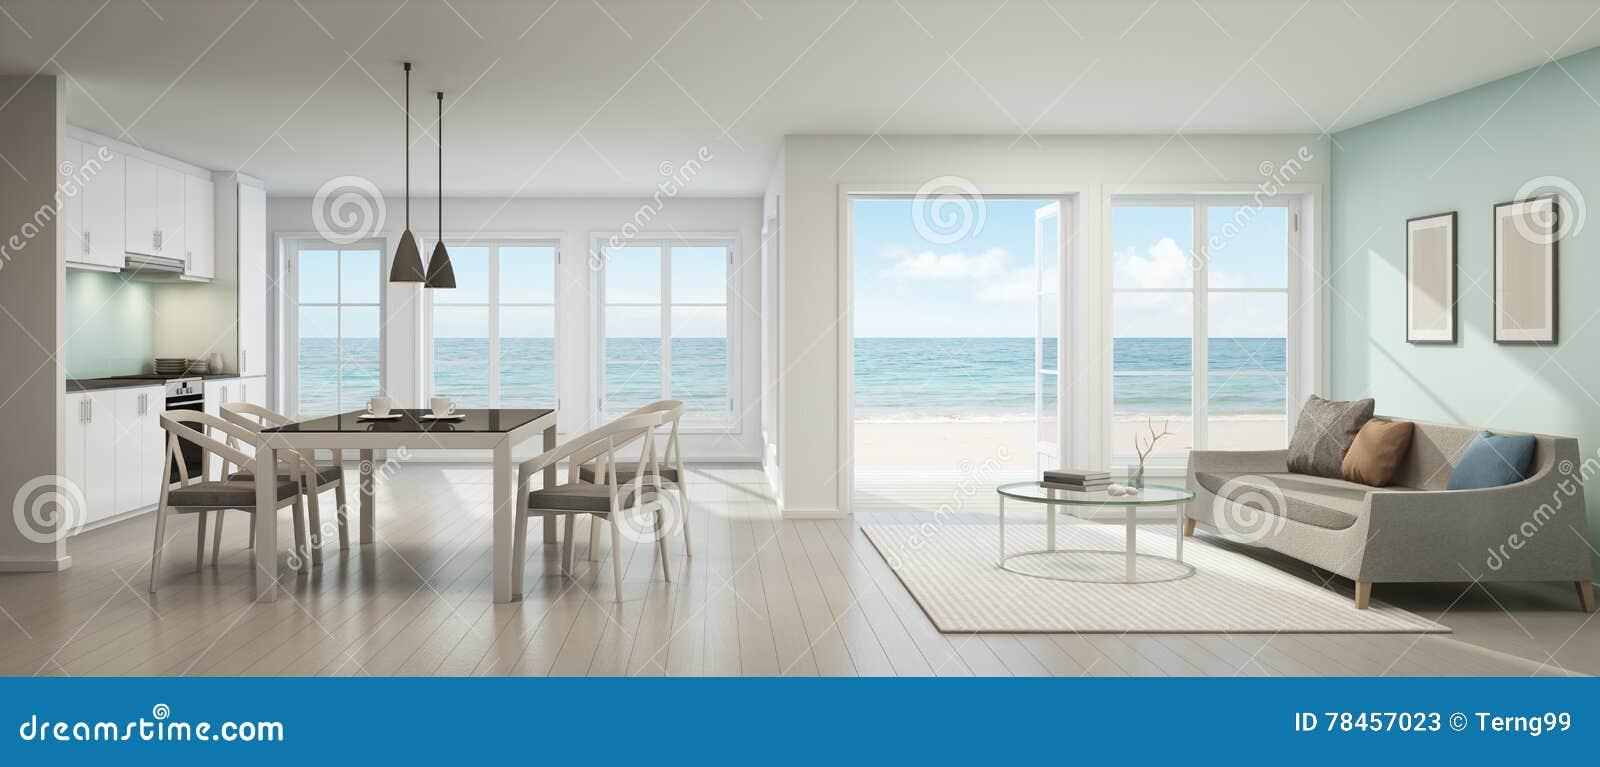 Havssiktsvardagsrum, matsal och kök, strandhus stock ...